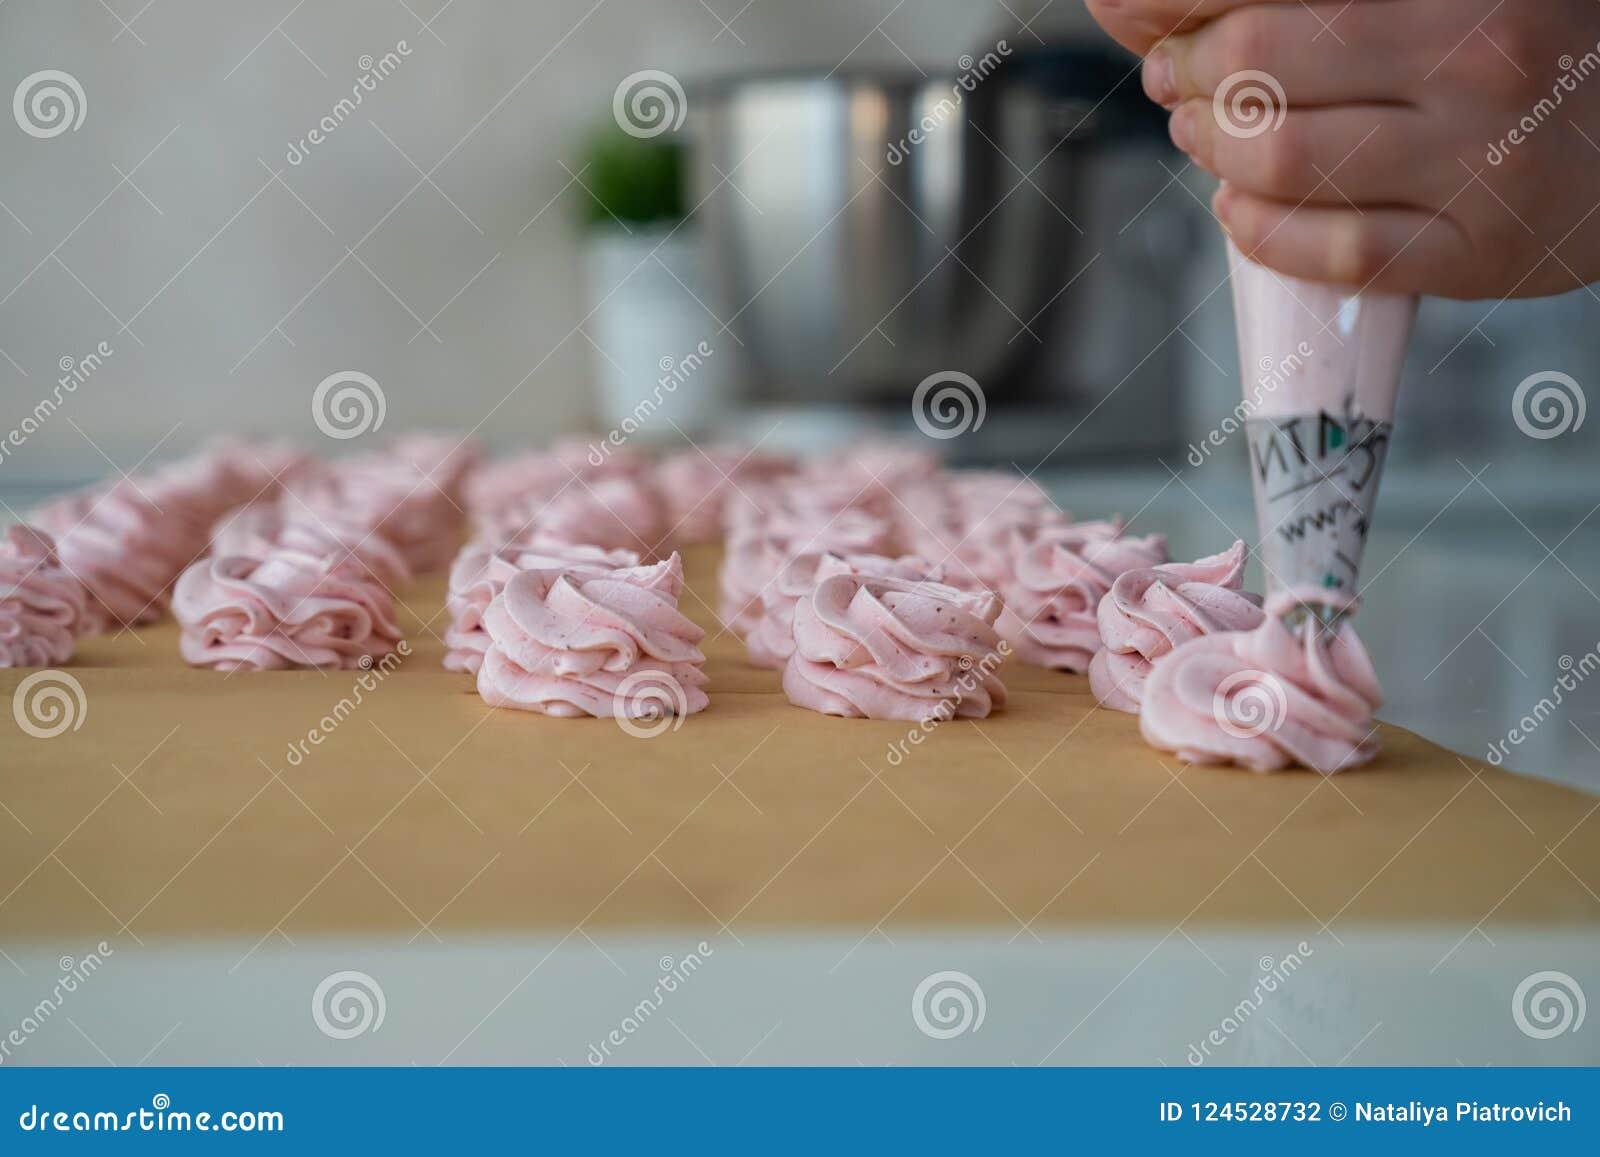 Ciérrese encima de las manos del cocinero con crema del bolso de la confitería al papel de pergamino en la cocina de la tienda de